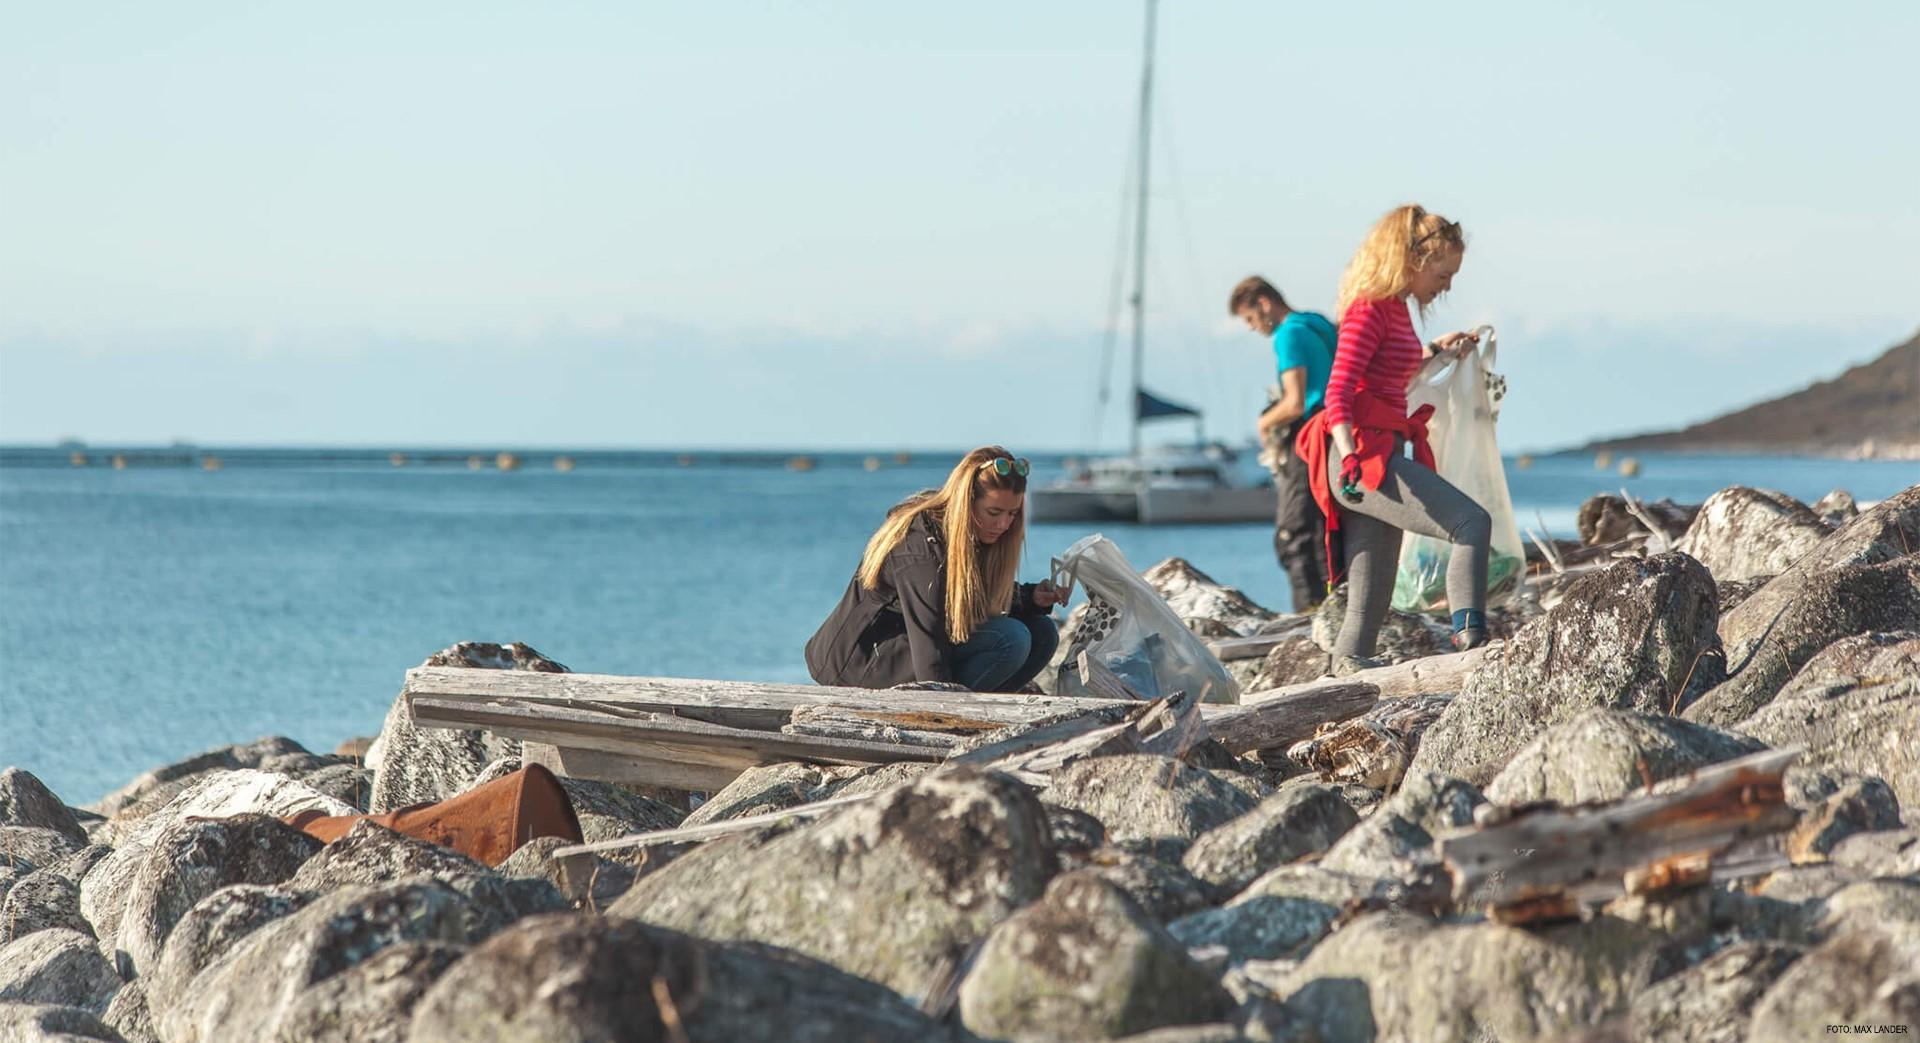 vikingtiden i norge prezi